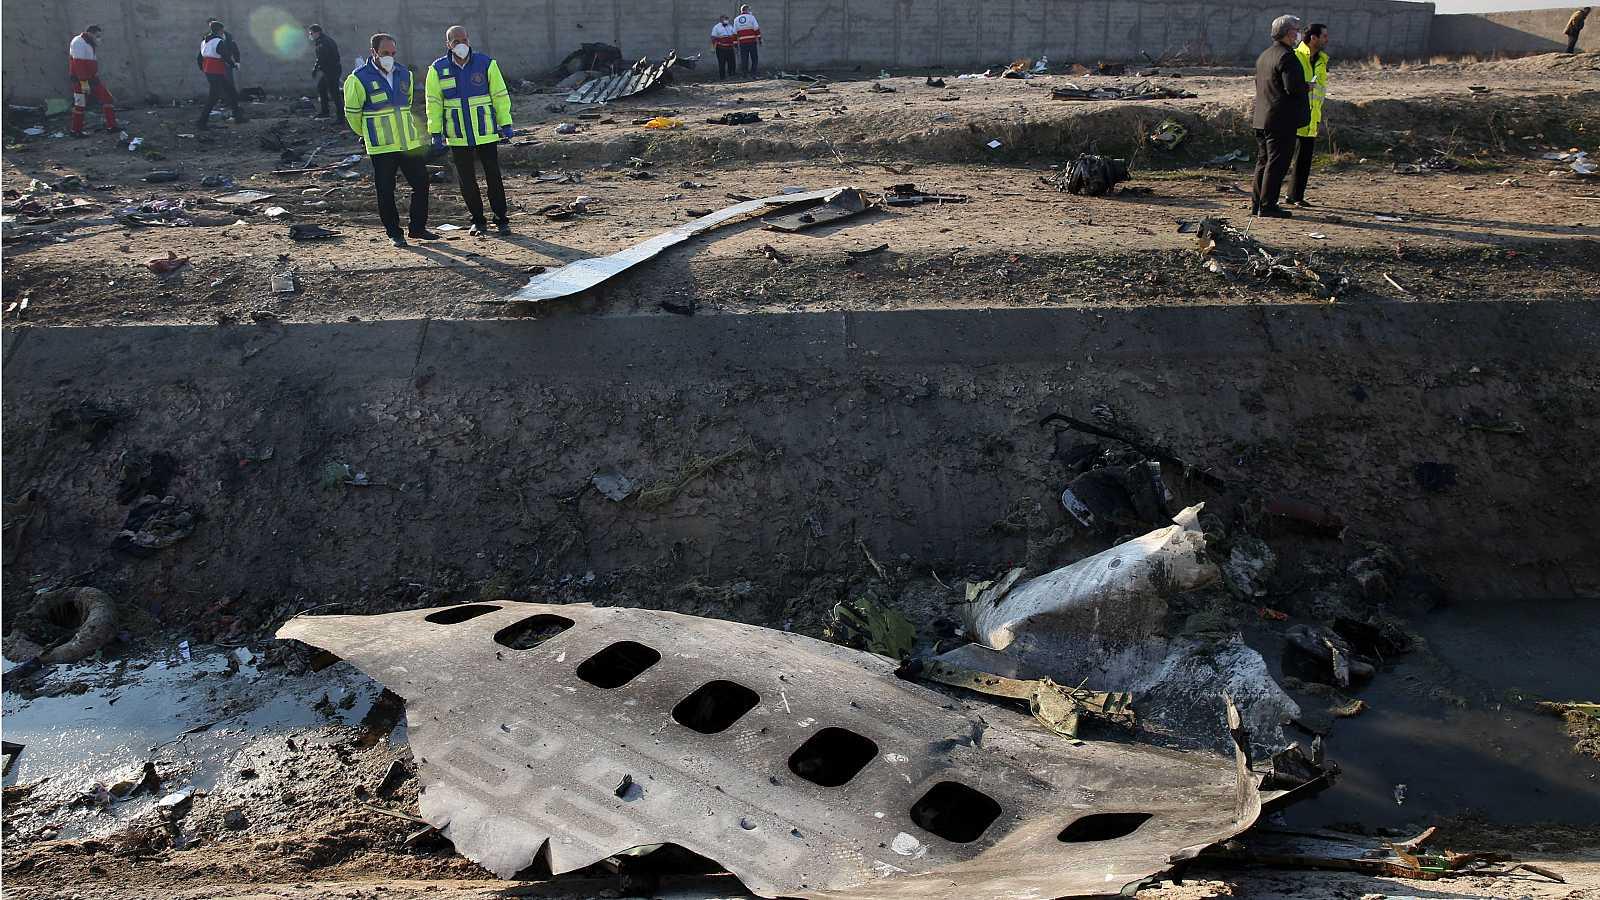 Ucrania pide justicia a Irán en aniversario derribo Boeing con 176 pasajeros